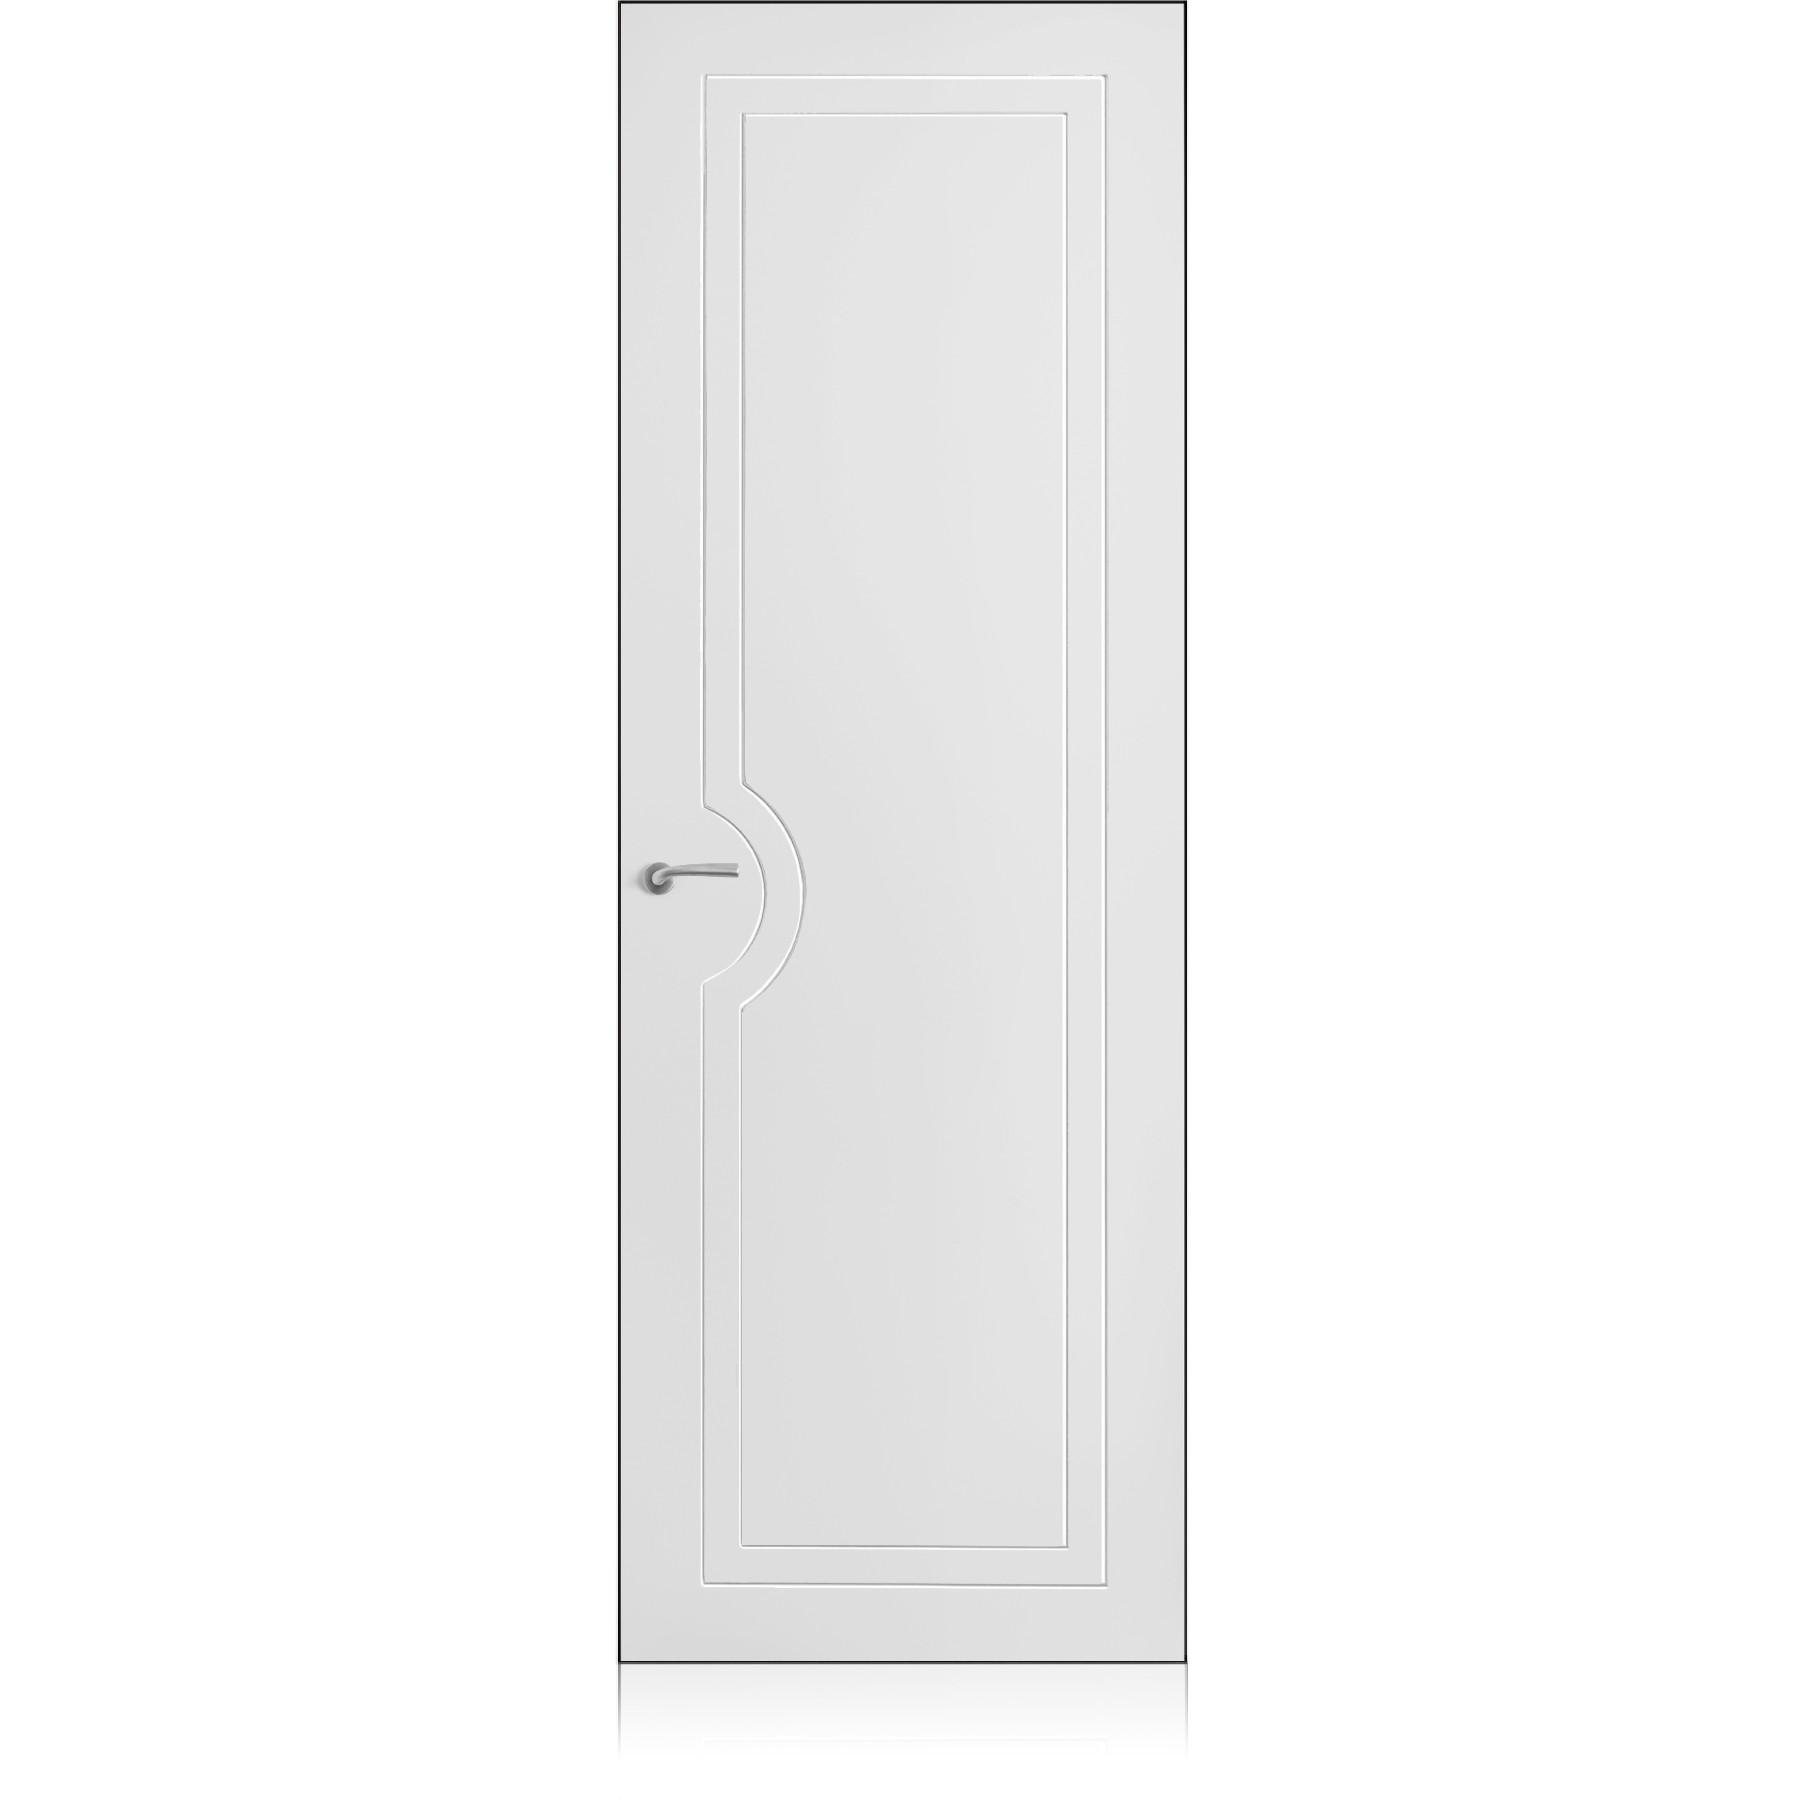 Yncisa/1 Zero bianco door